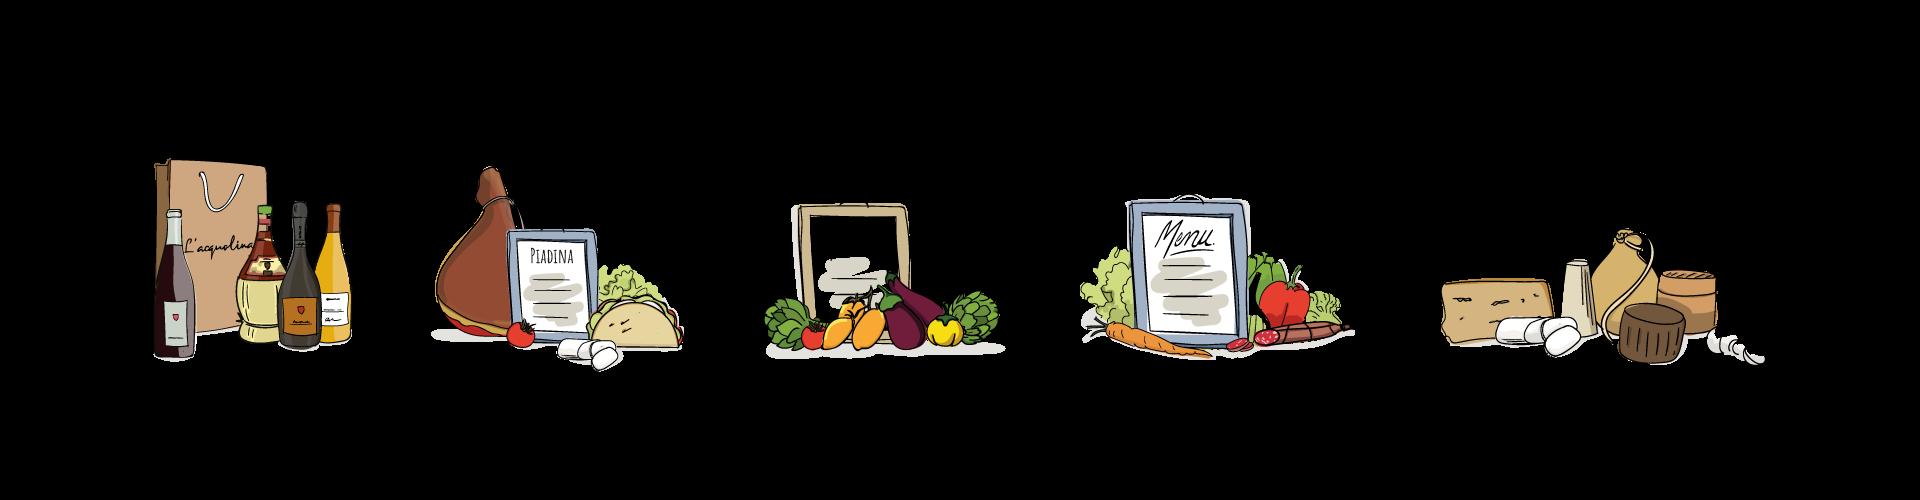 Illustration pour le restaurant l'Acquolina réalisées par MADMINT